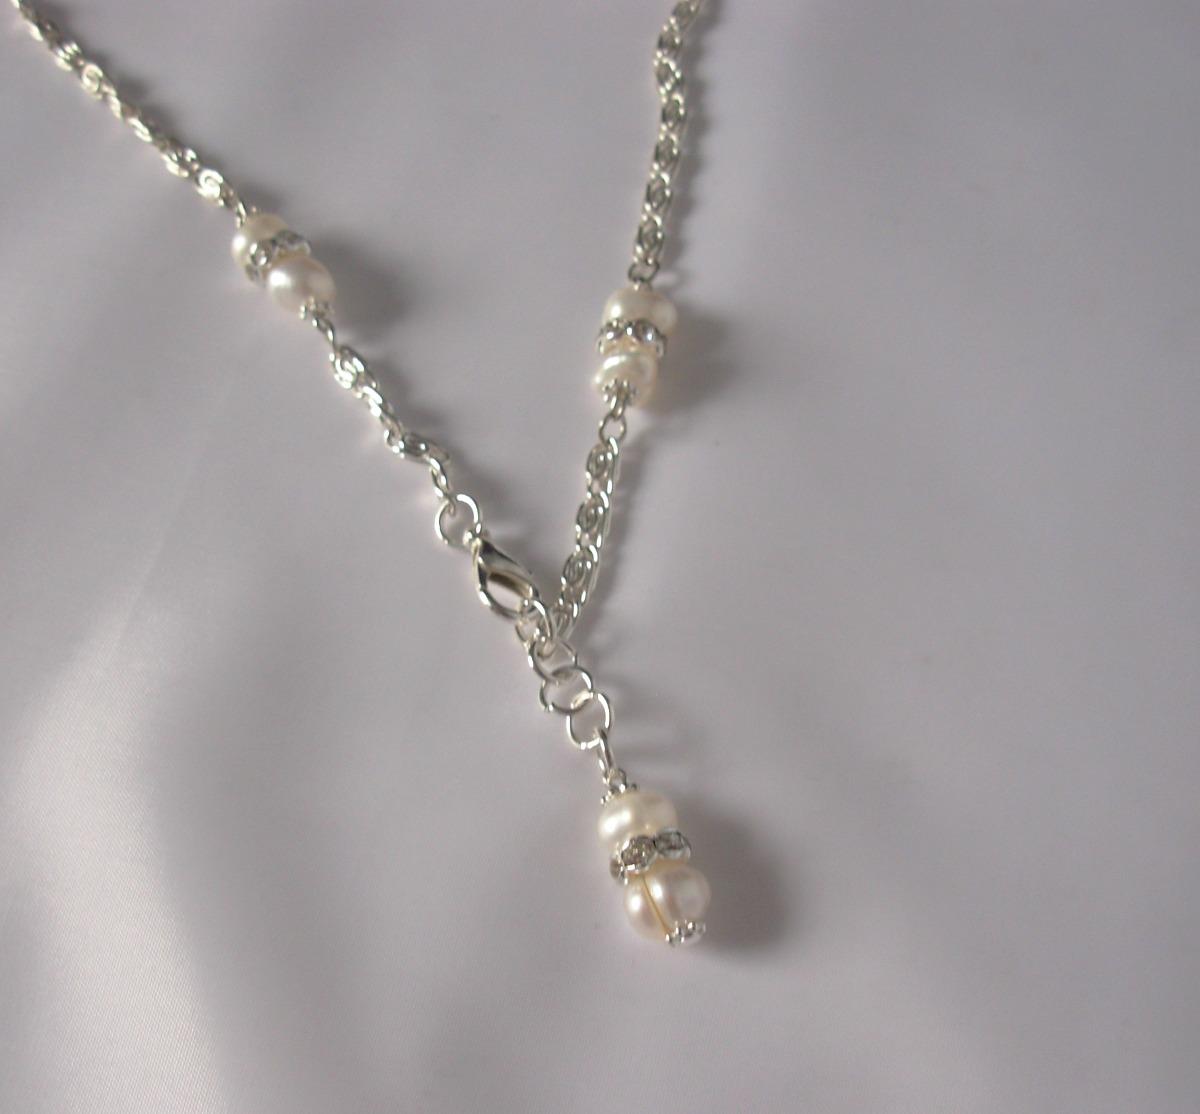 273b3598ee4c collar novias perlas naturales cultivadas y strass acero. Cargando zoom.